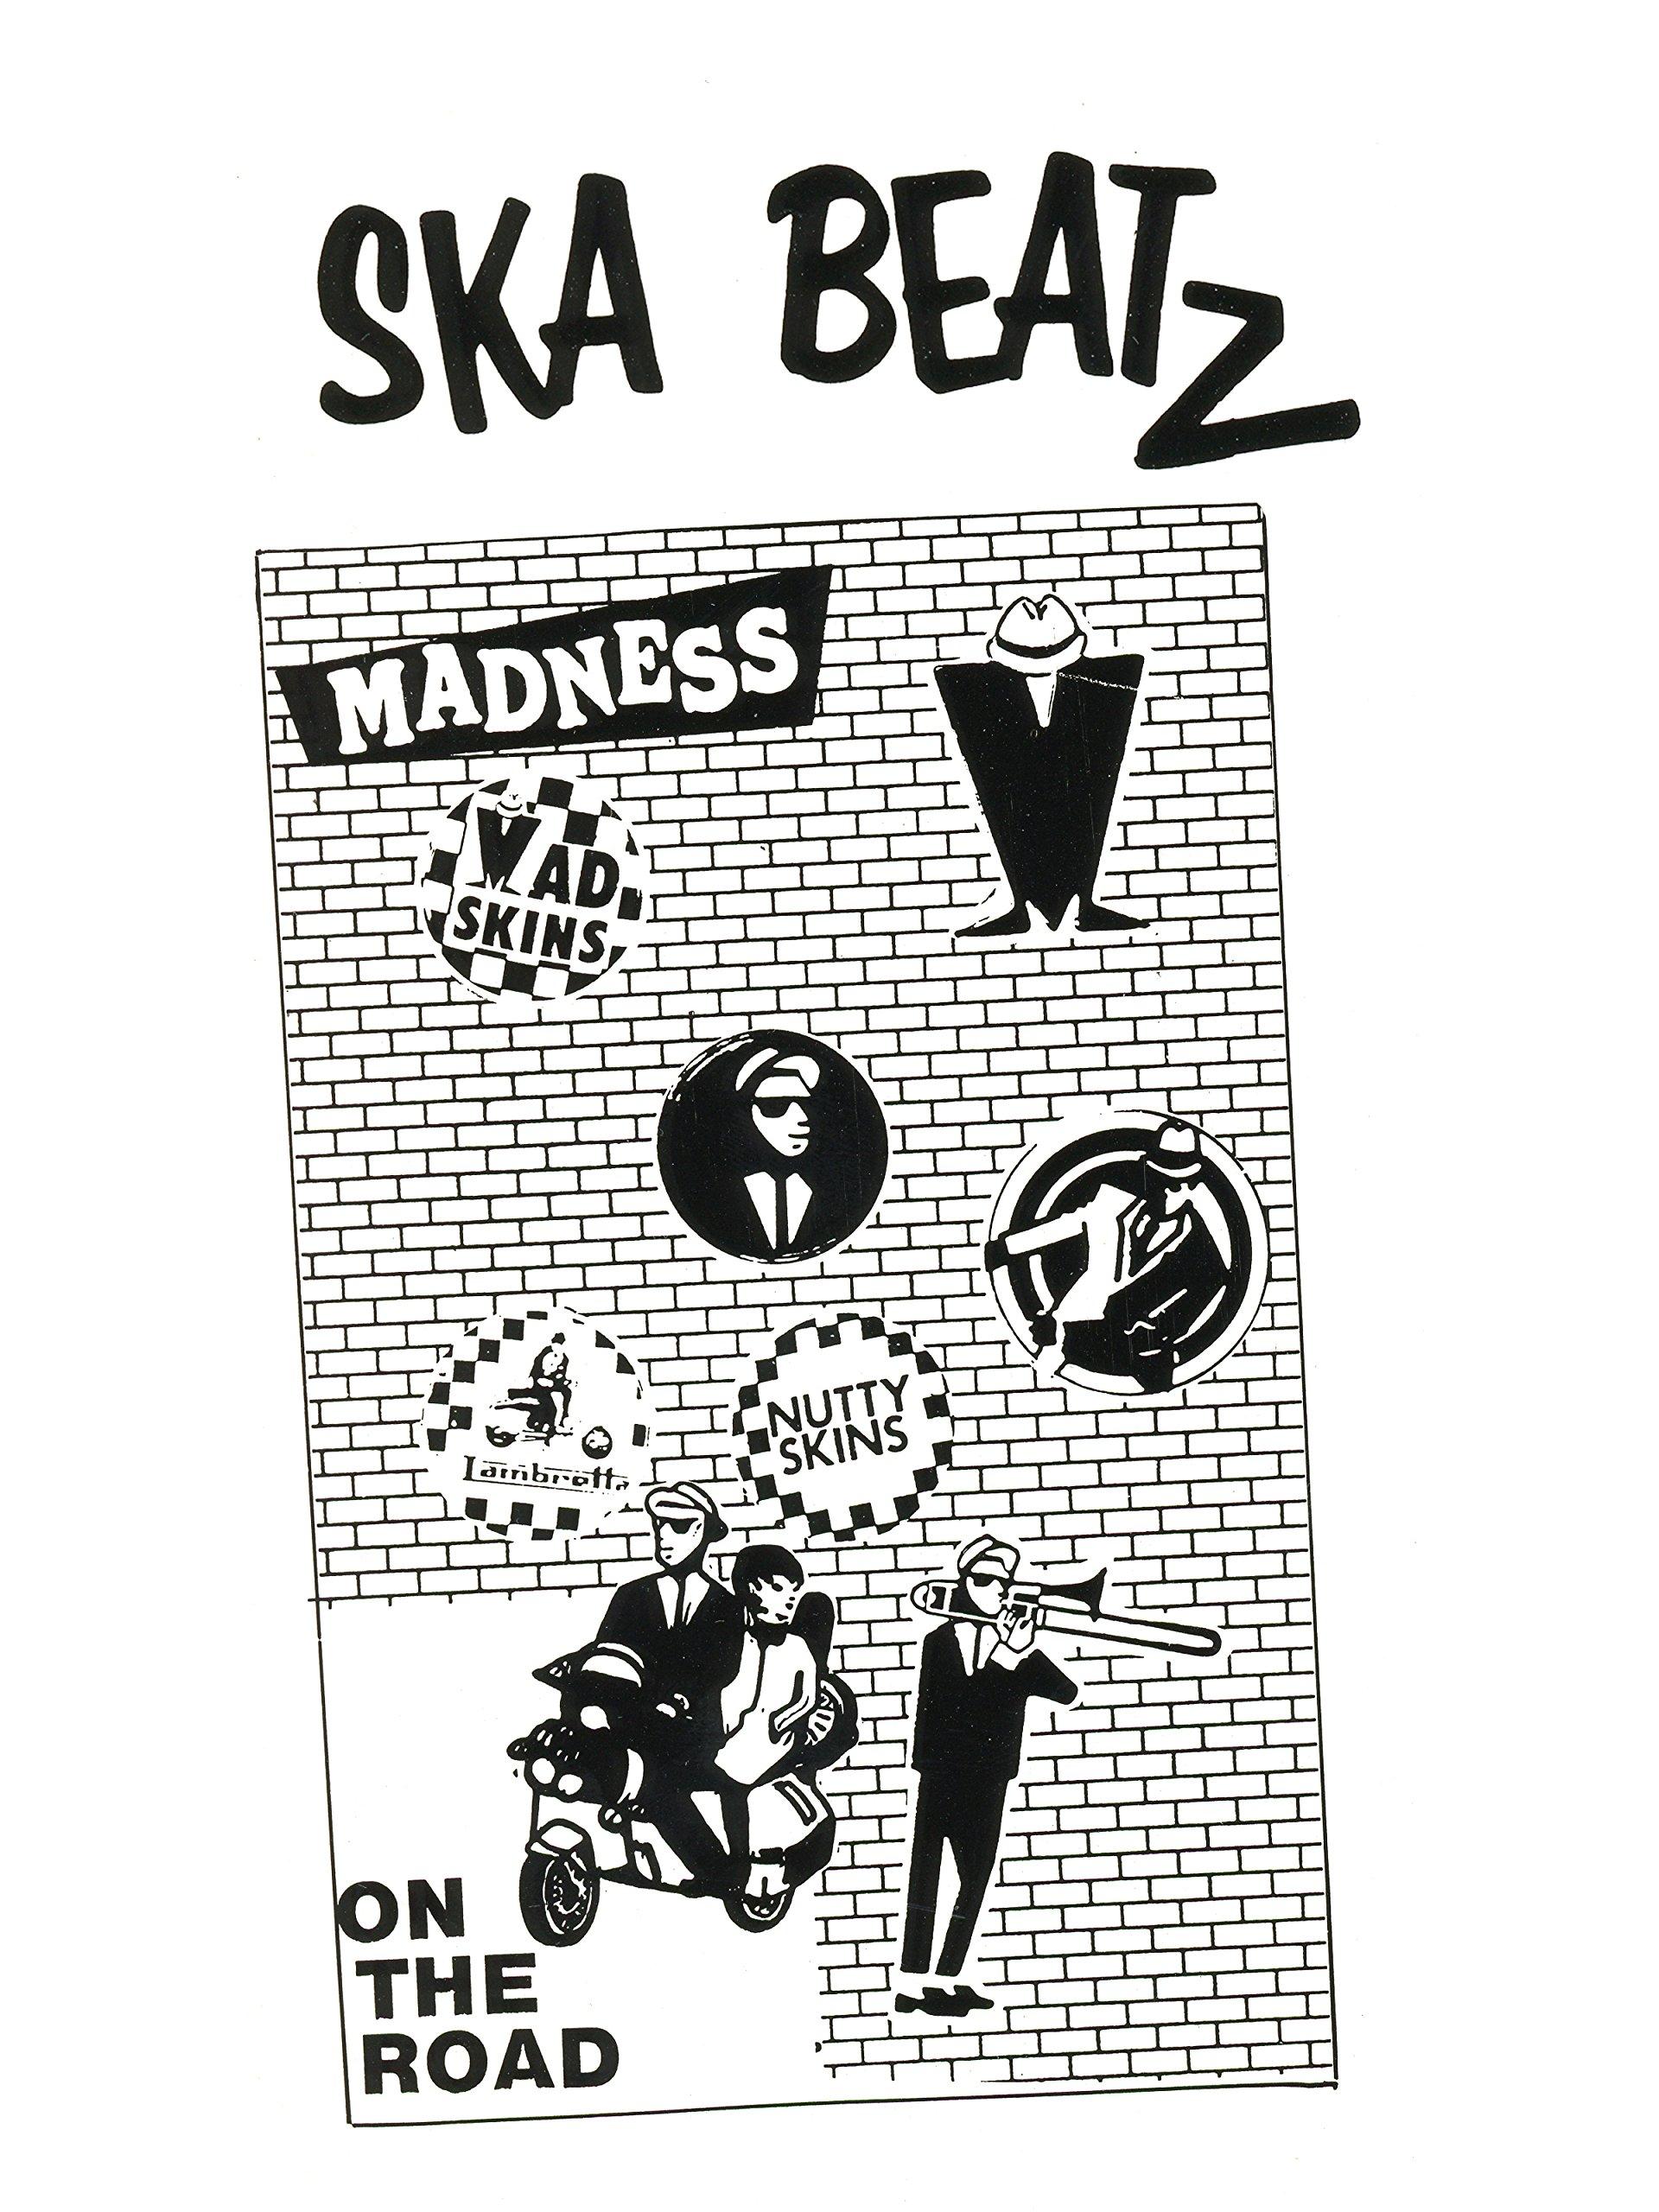 Ska Beatz